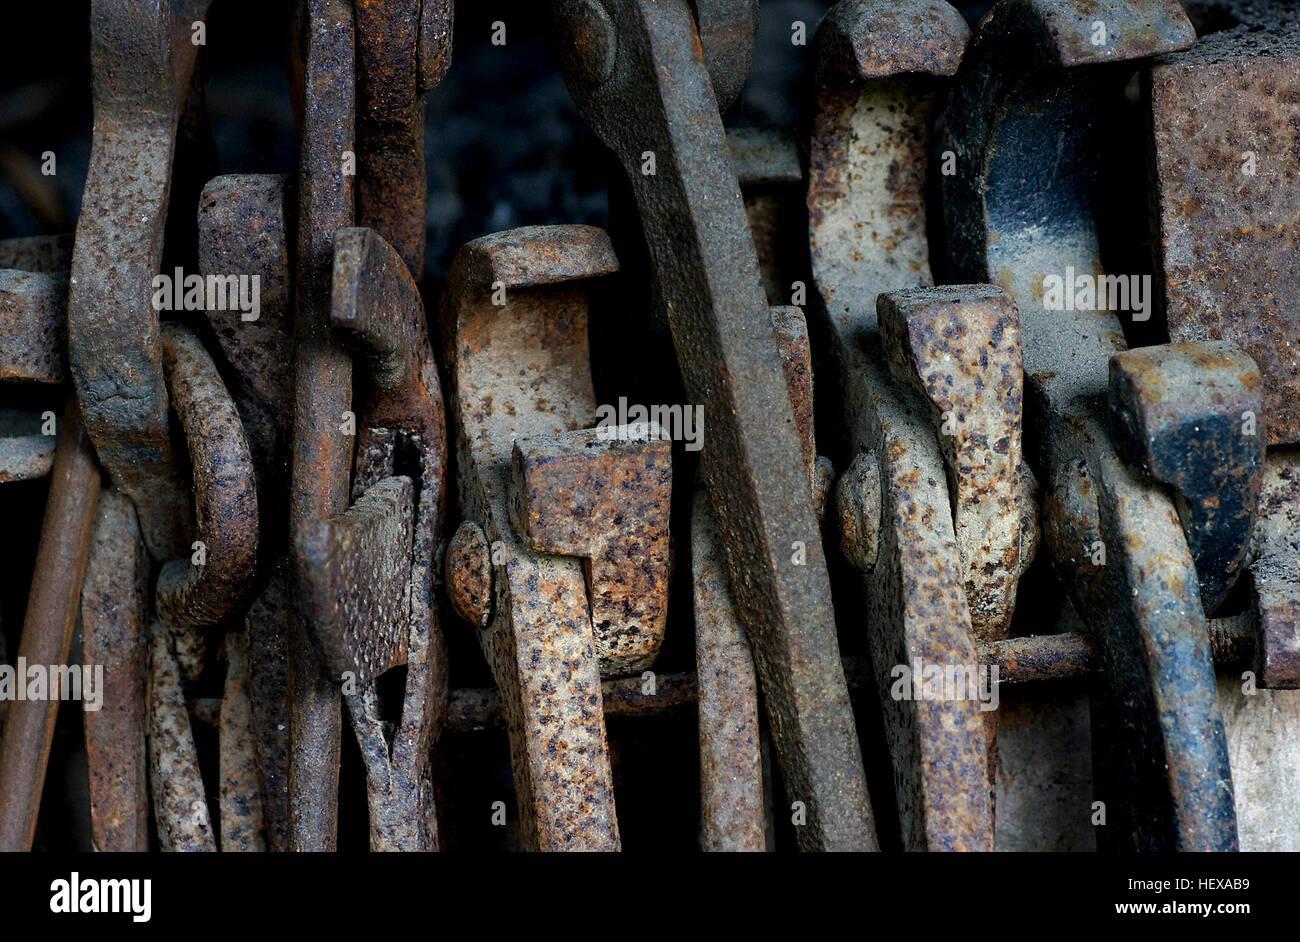 Un Fabbro E Un Metalsmith Che Crea Oggetti Di Ferro Battuto O